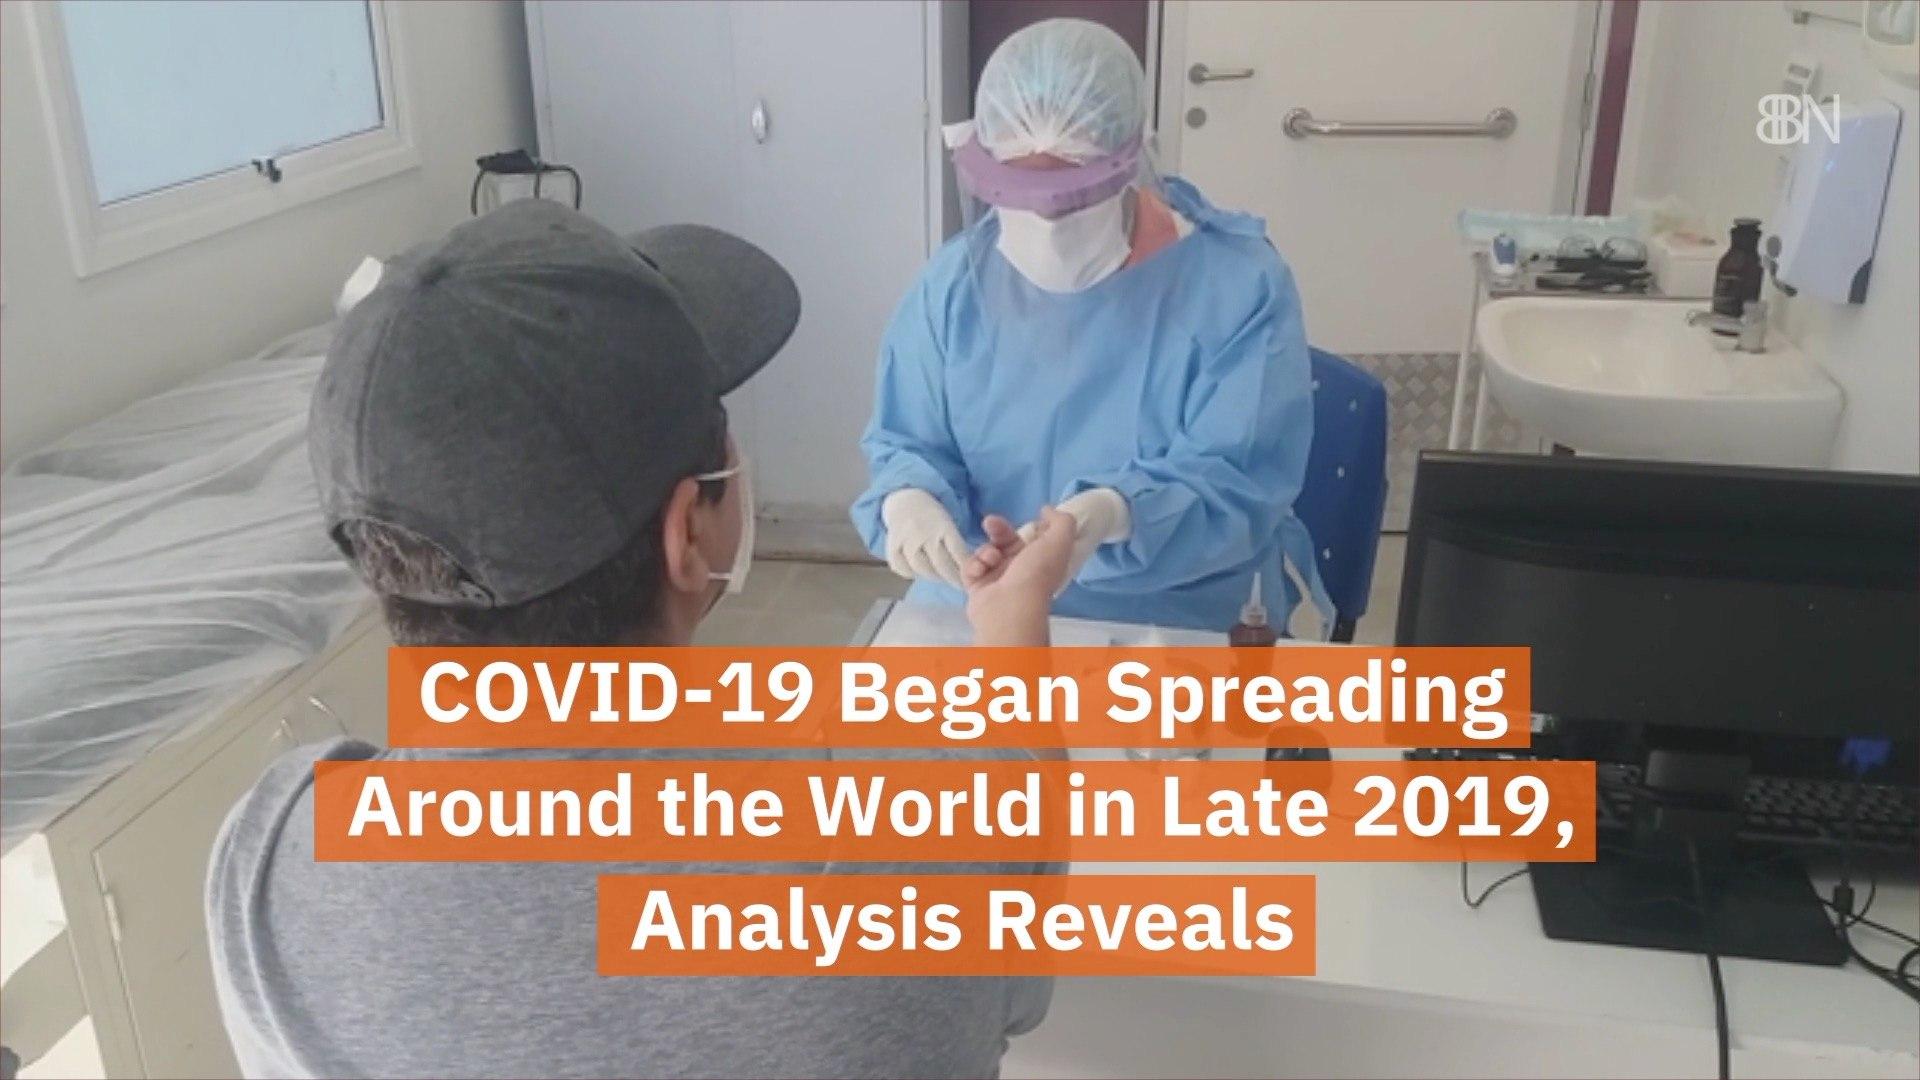 Covid-19 In 2019